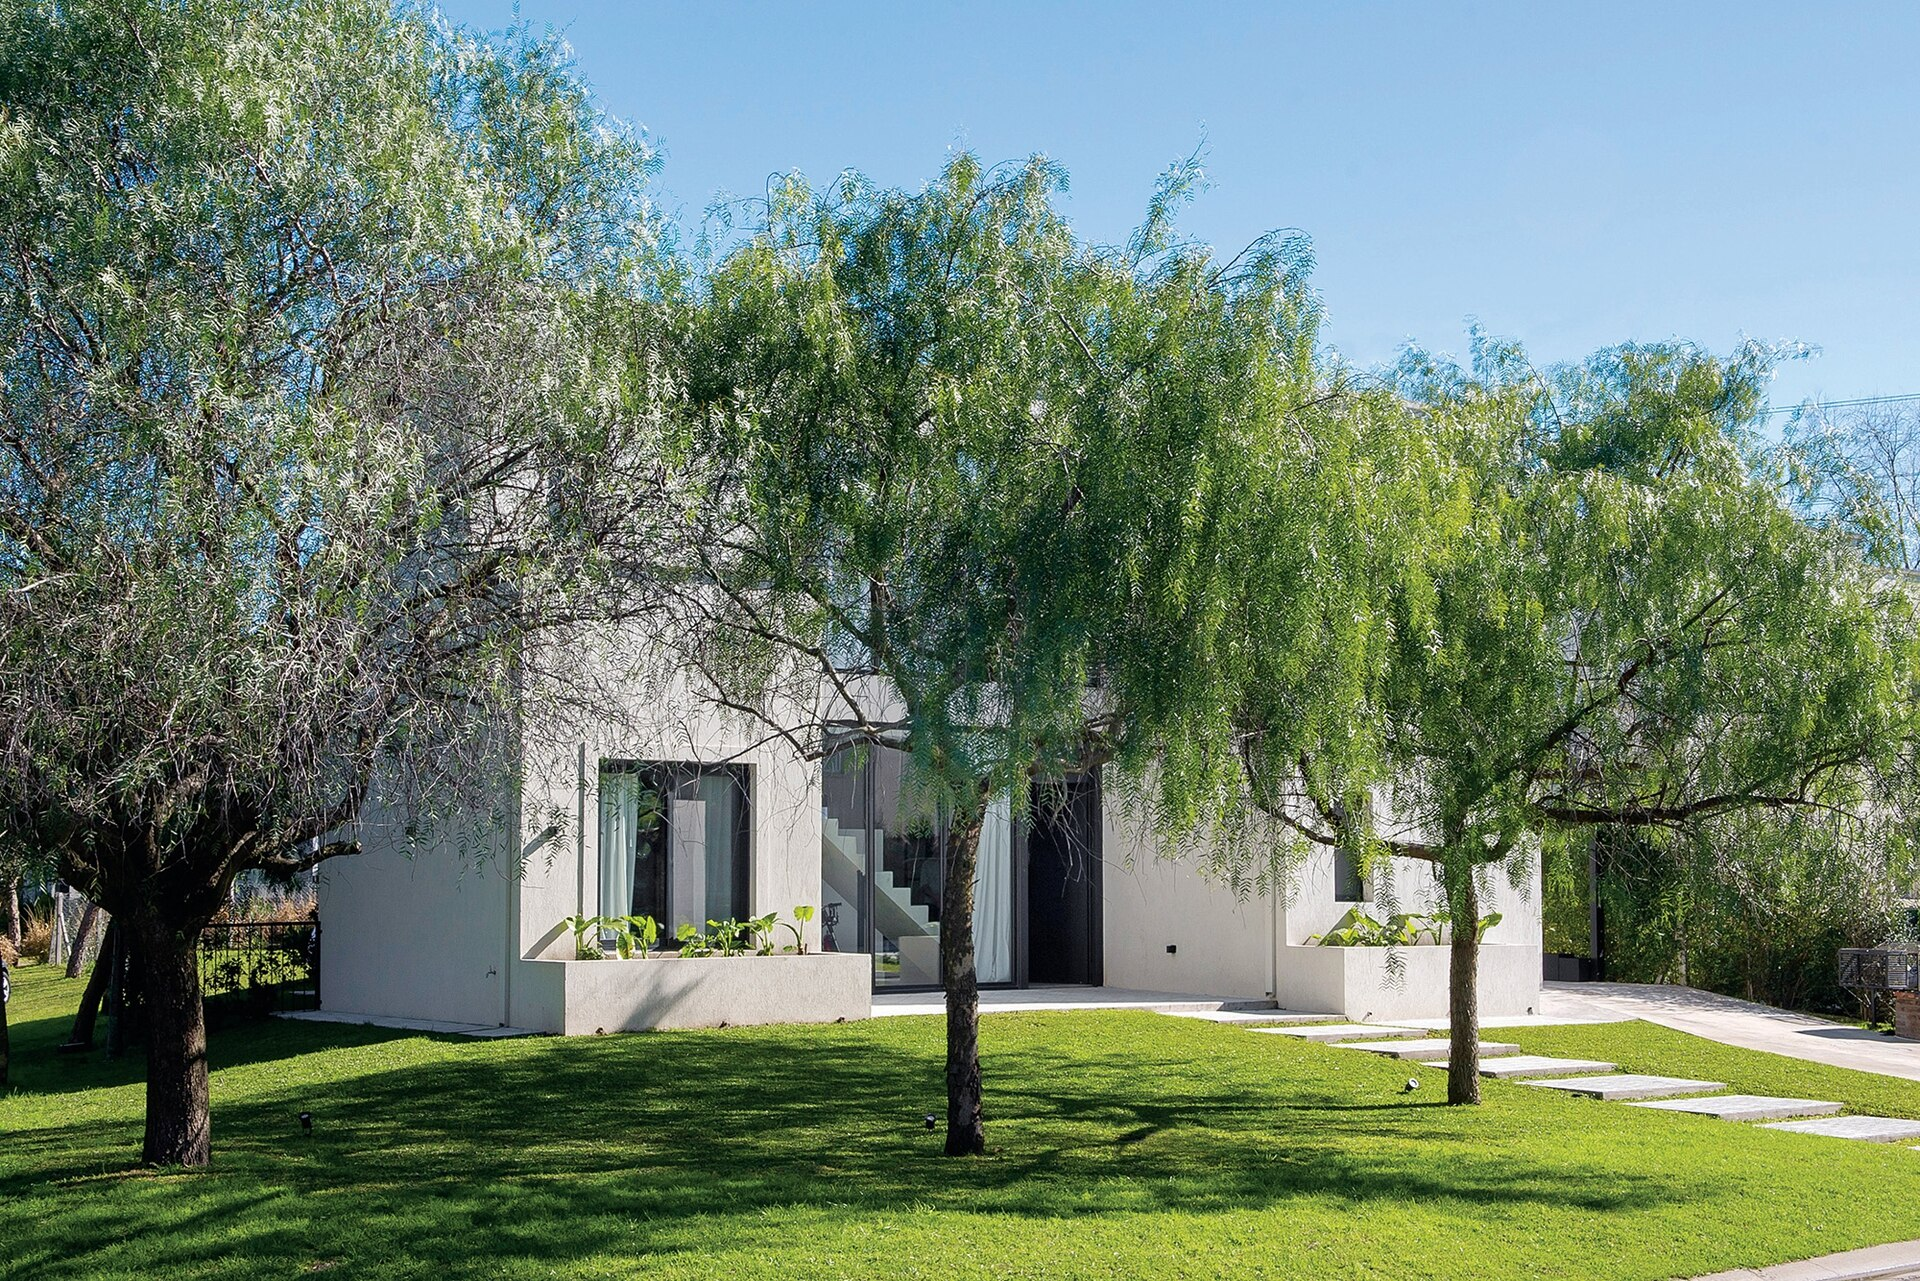 Un jardín con árboles da la bienvenida a la casa.